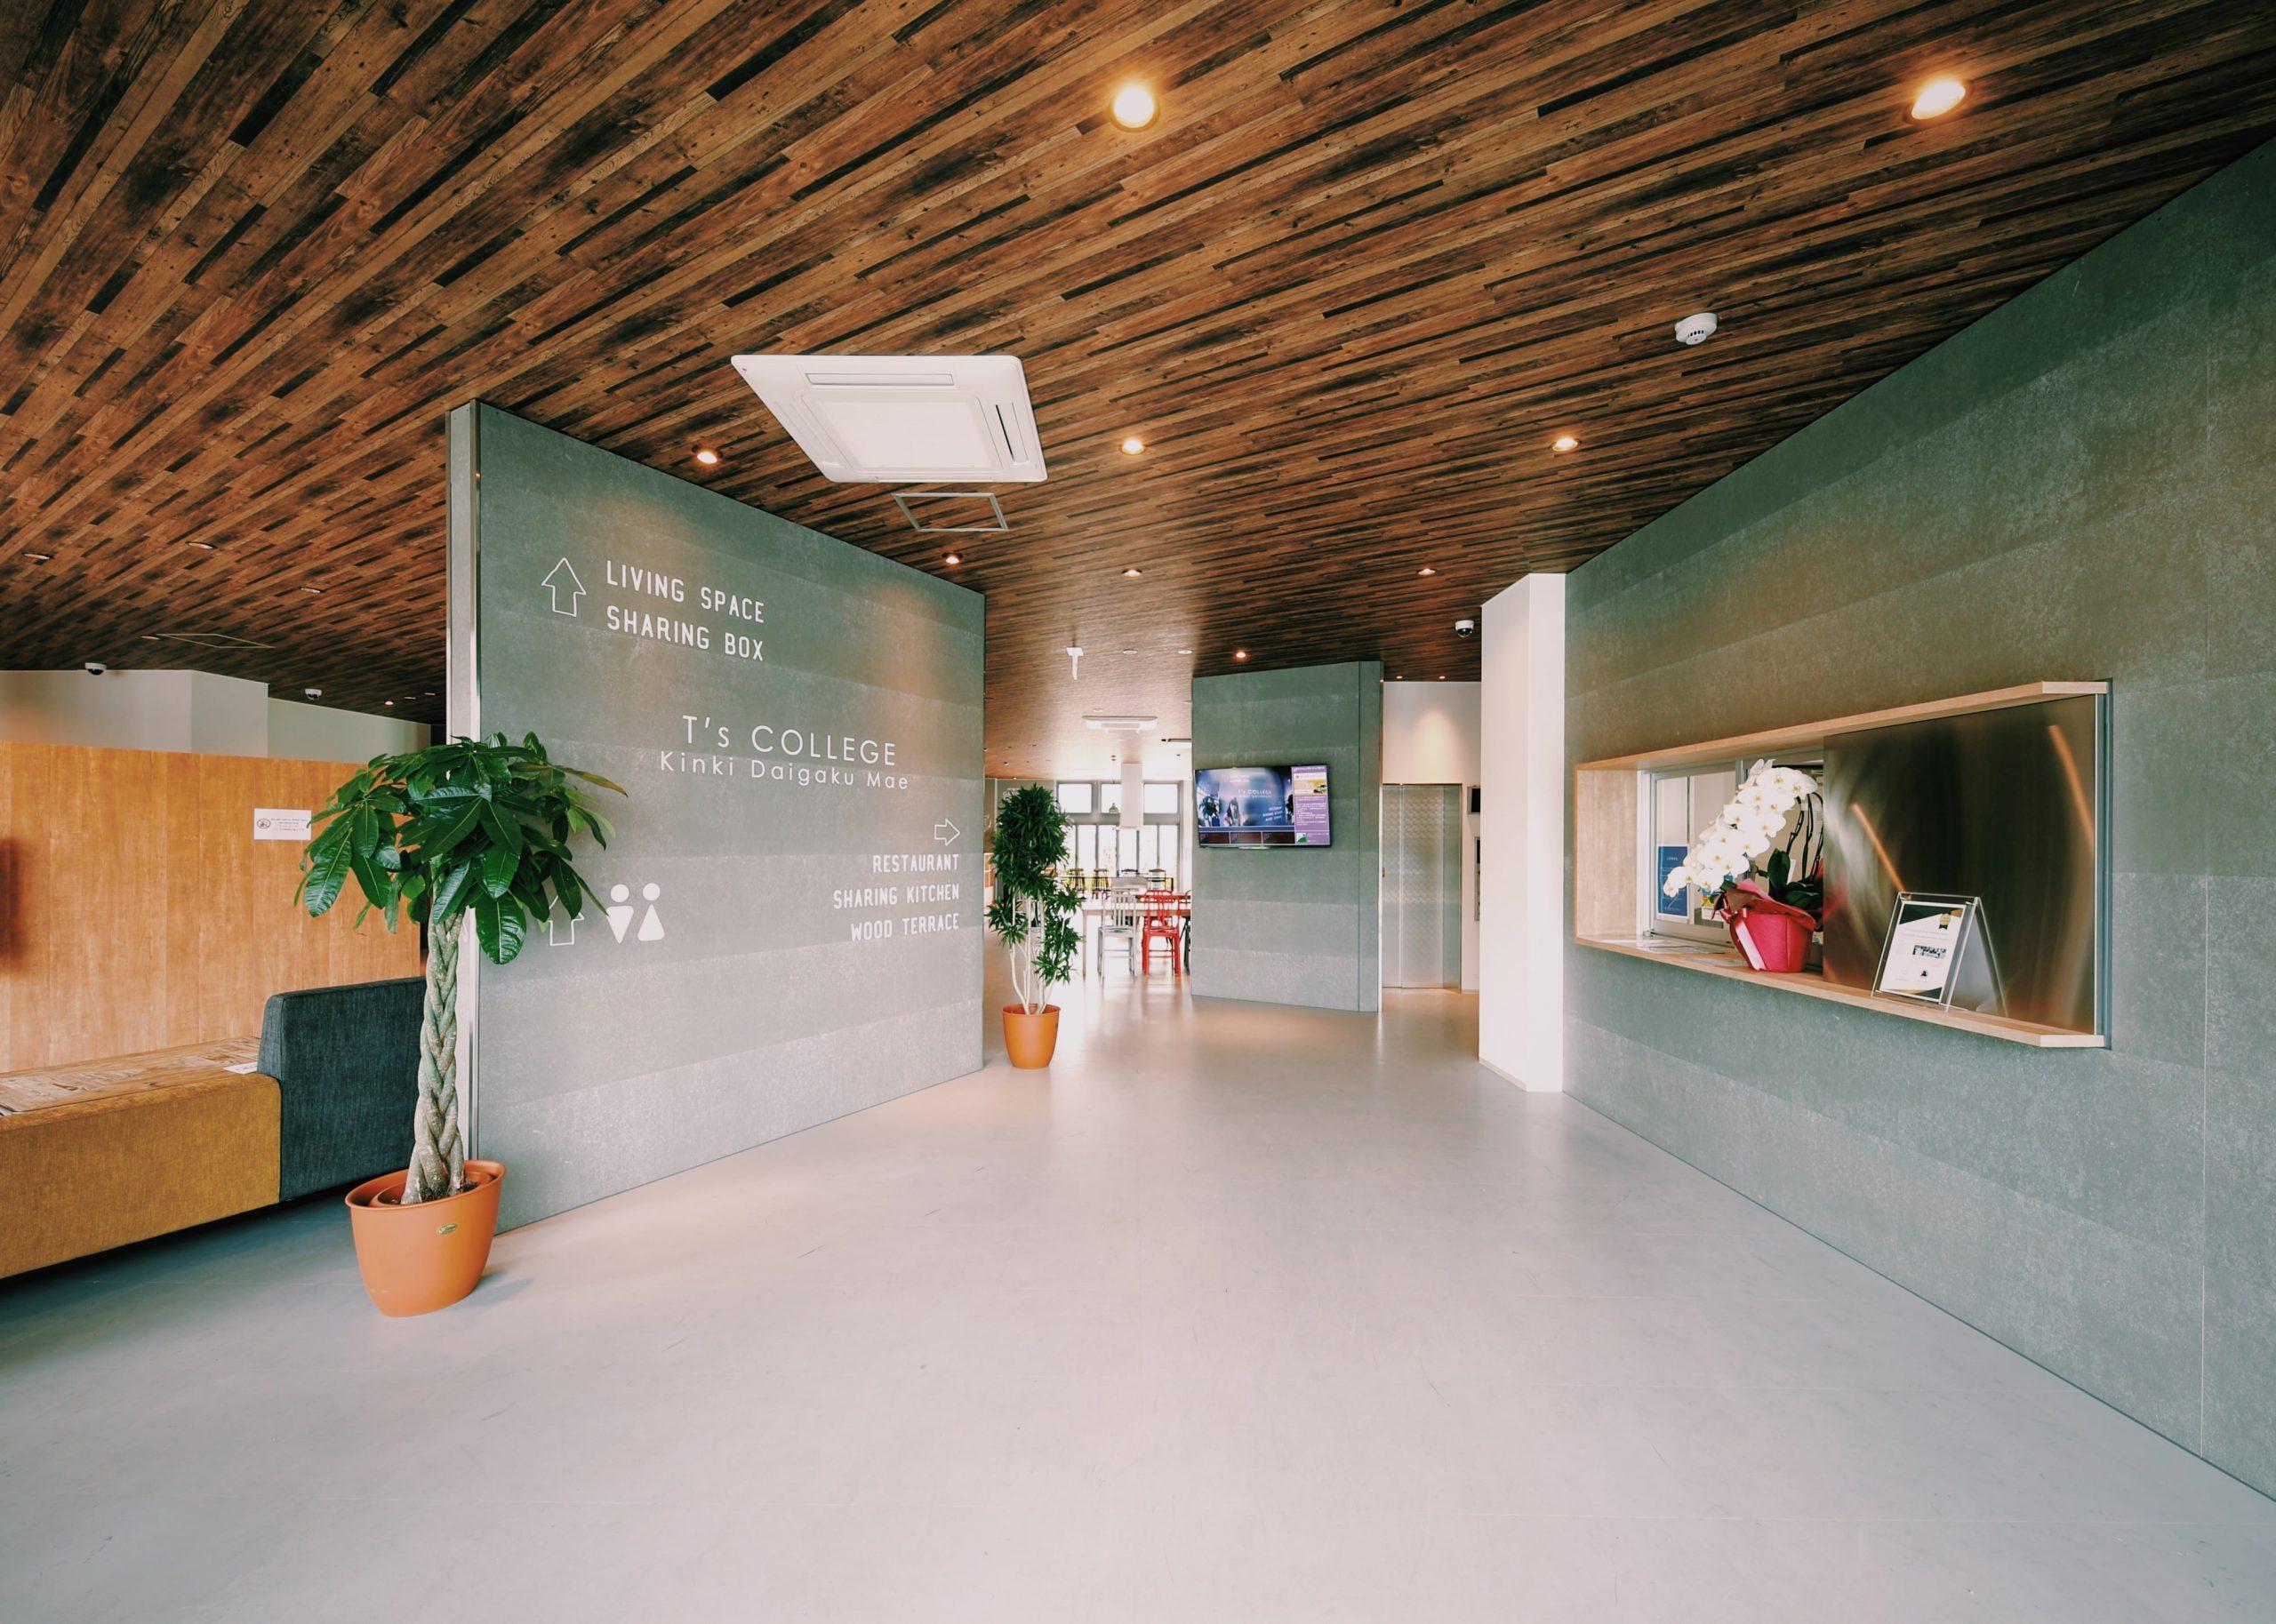 「ティーズカレッジ近畿大学前」エントランスの右手には管理人室にて管理人が24時間常駐し入居者様の安全な暮らしを見守ります。宅都プロパティ大阪学生向けマンション総合サイト|studentroom